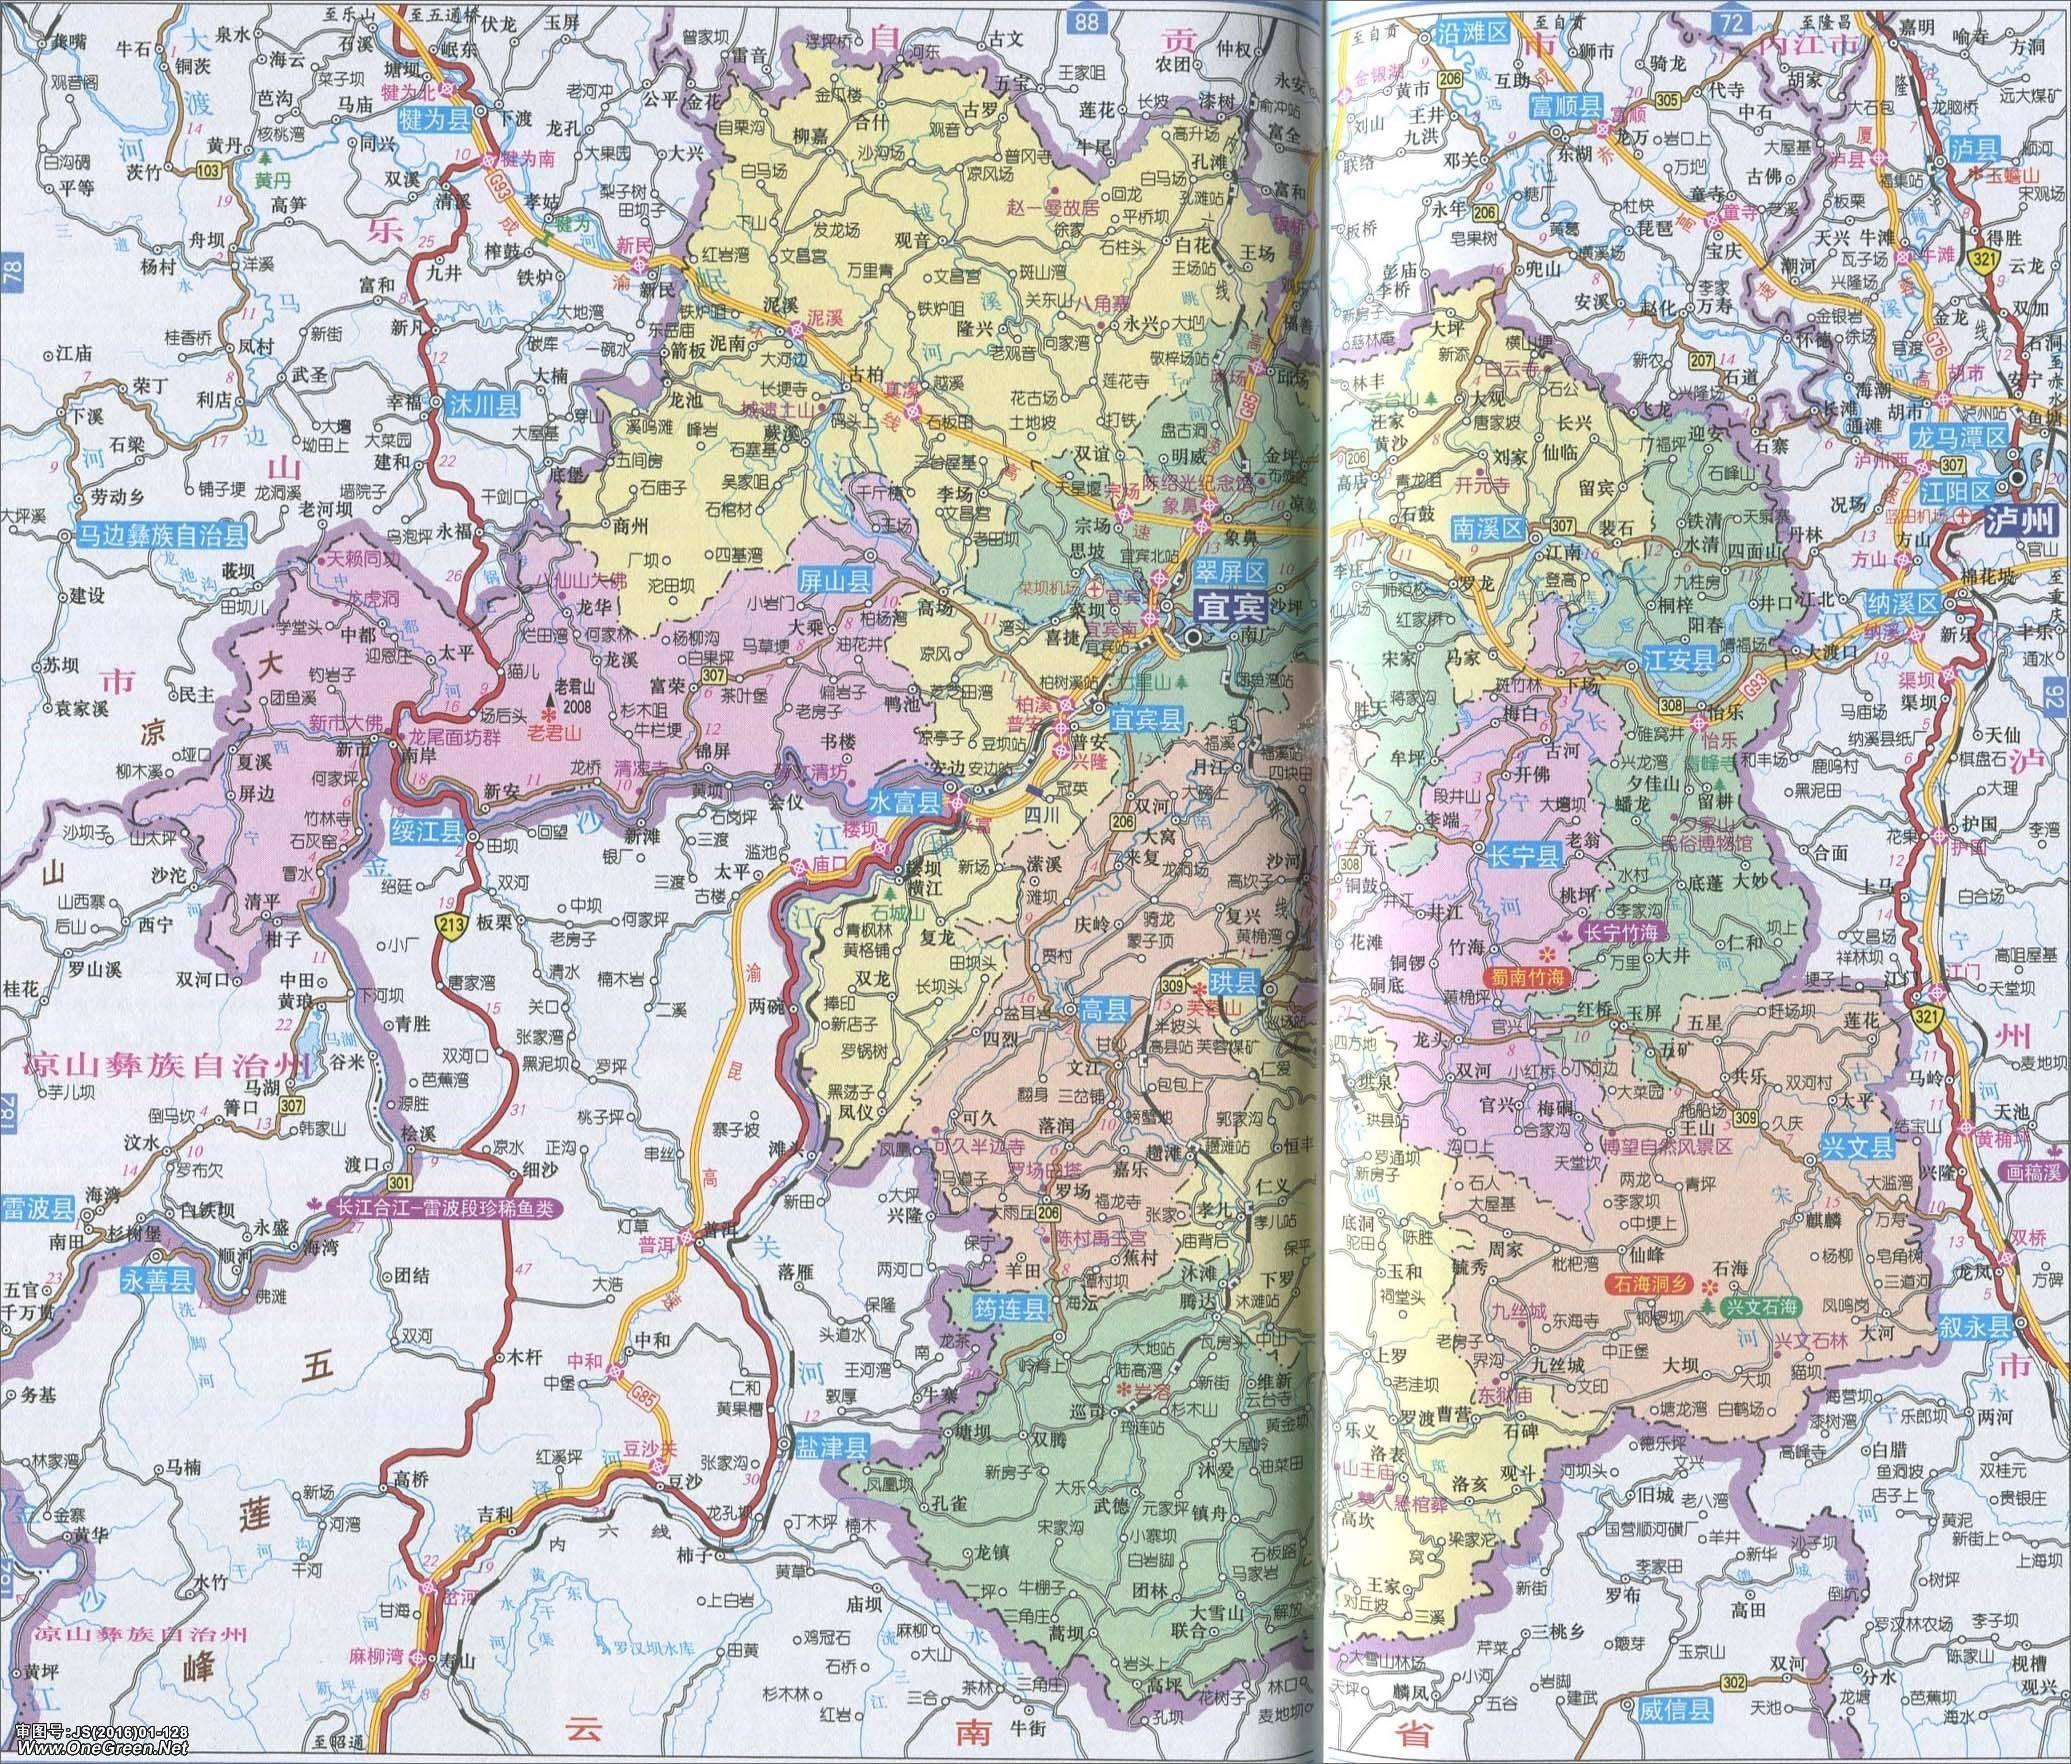 地图库 中国地图 四川 宜宾 >> 宜宾市地图高清版    世界各国 | 中国图片